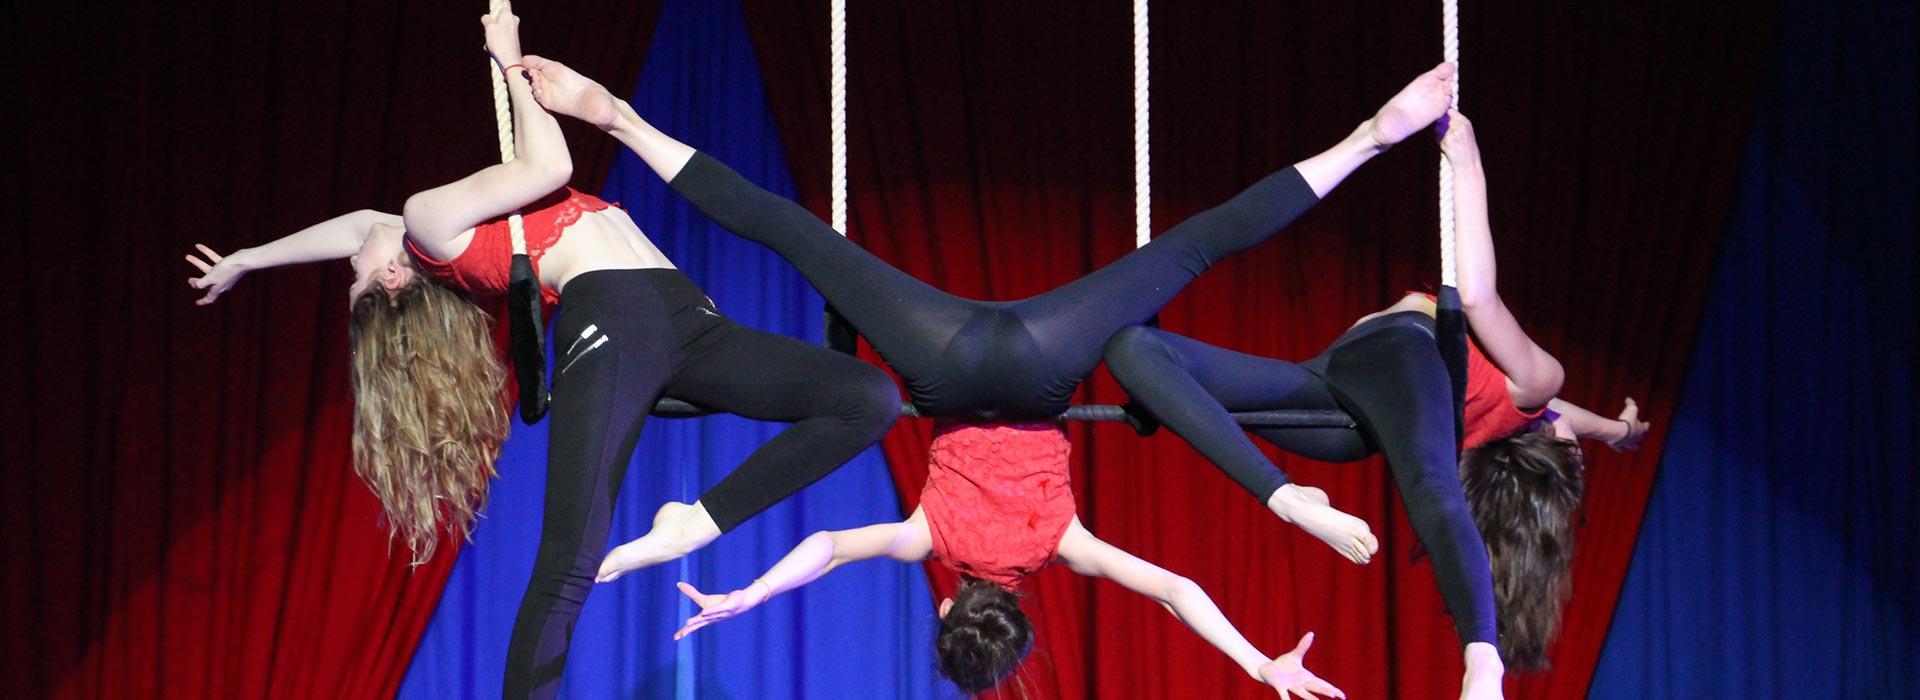 S'inscrire à l'école de cirque | Les Ateliers de la Piste Achille Zavatta, école de cirque à Mulhouse